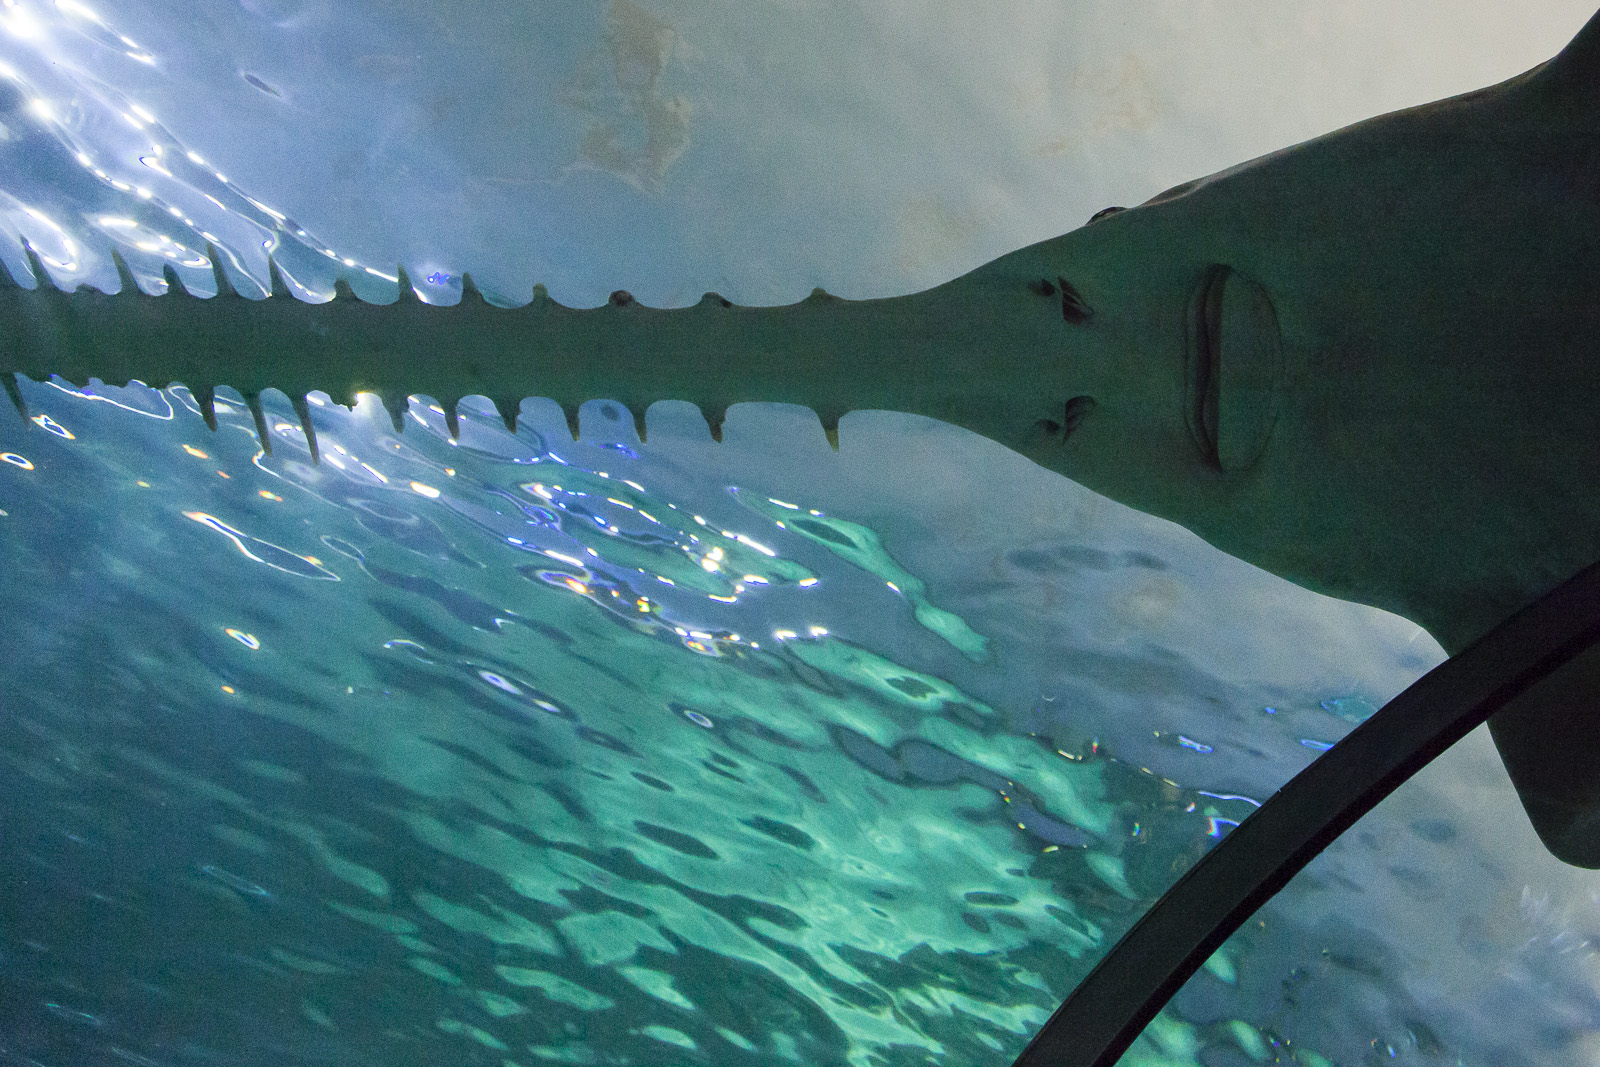 aquarium-011.jpg